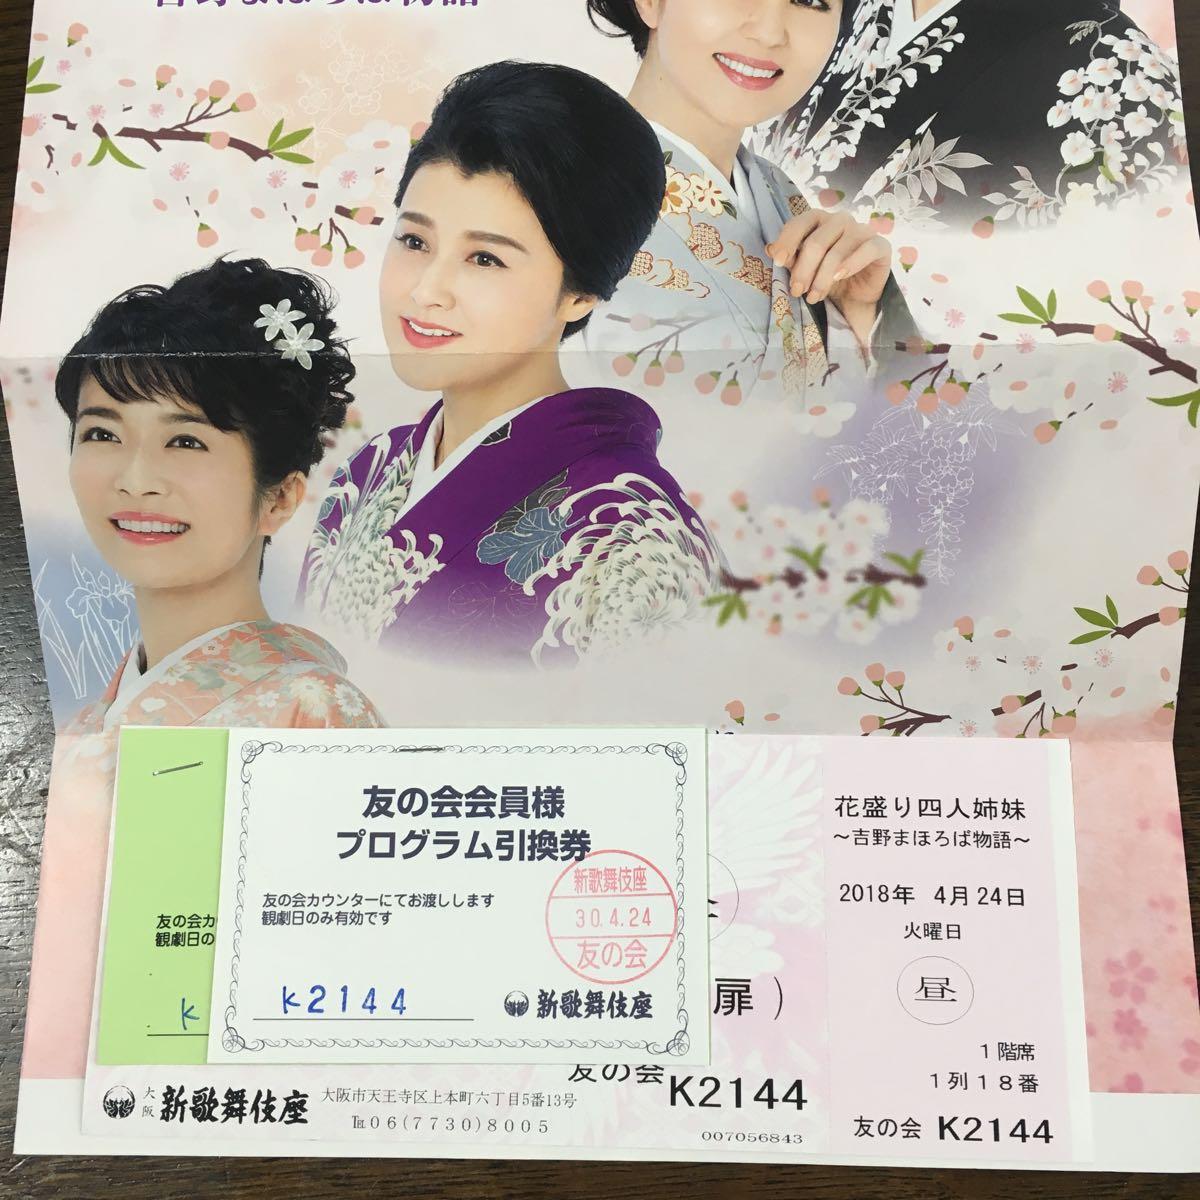 花盛り四人姉妹 4月24日火曜日 1階席1列18番